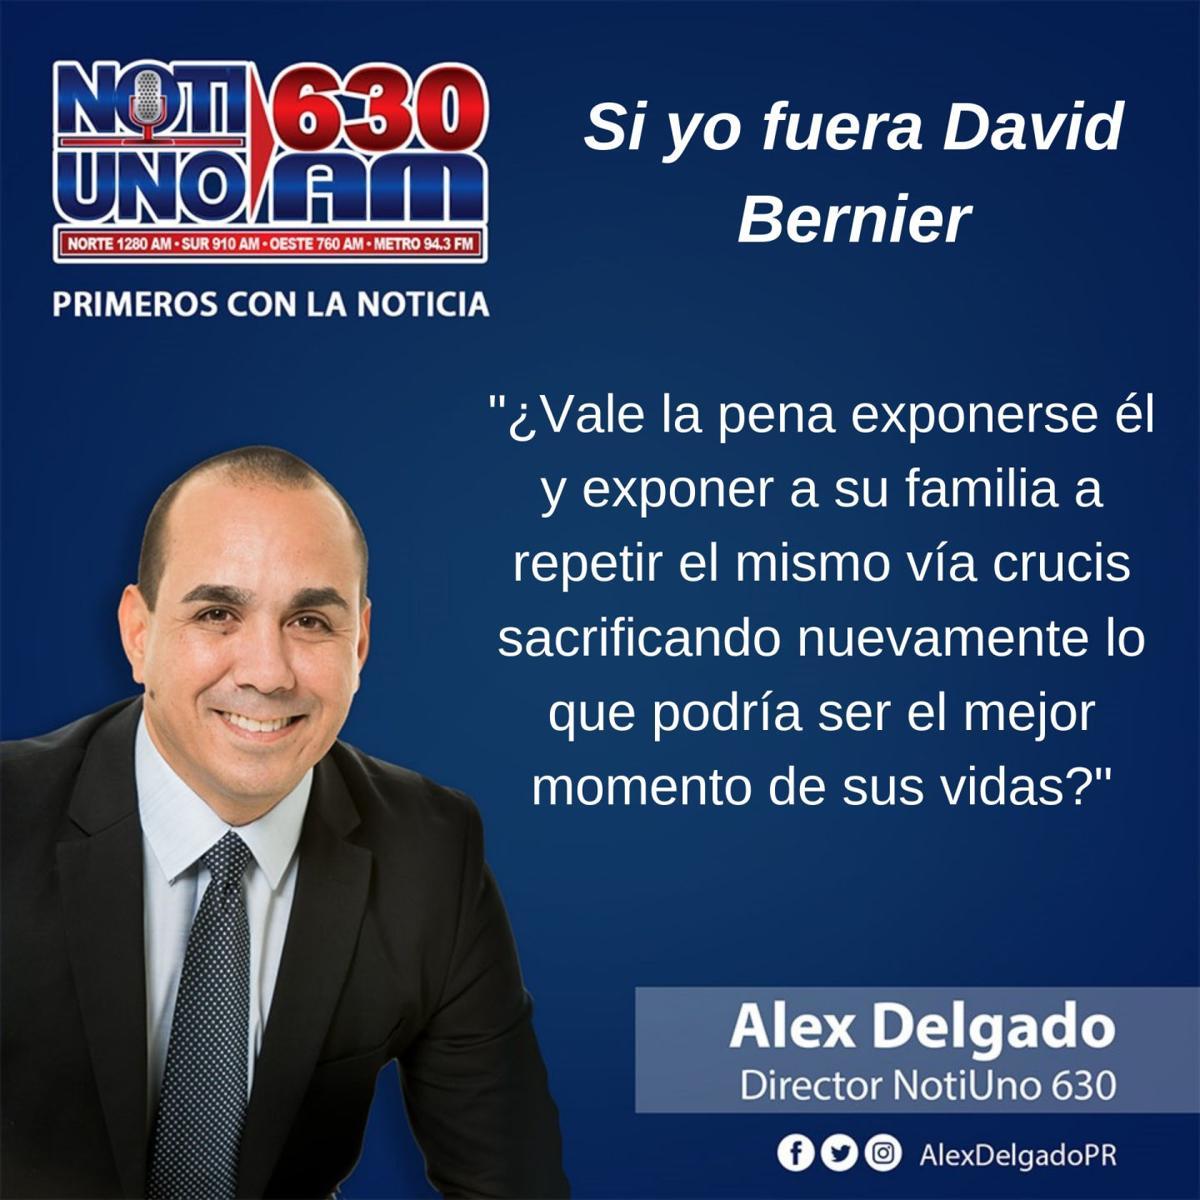 Alex Delgado - Si yo fuera David Bernier - columna de opinion - mayo 13 2019